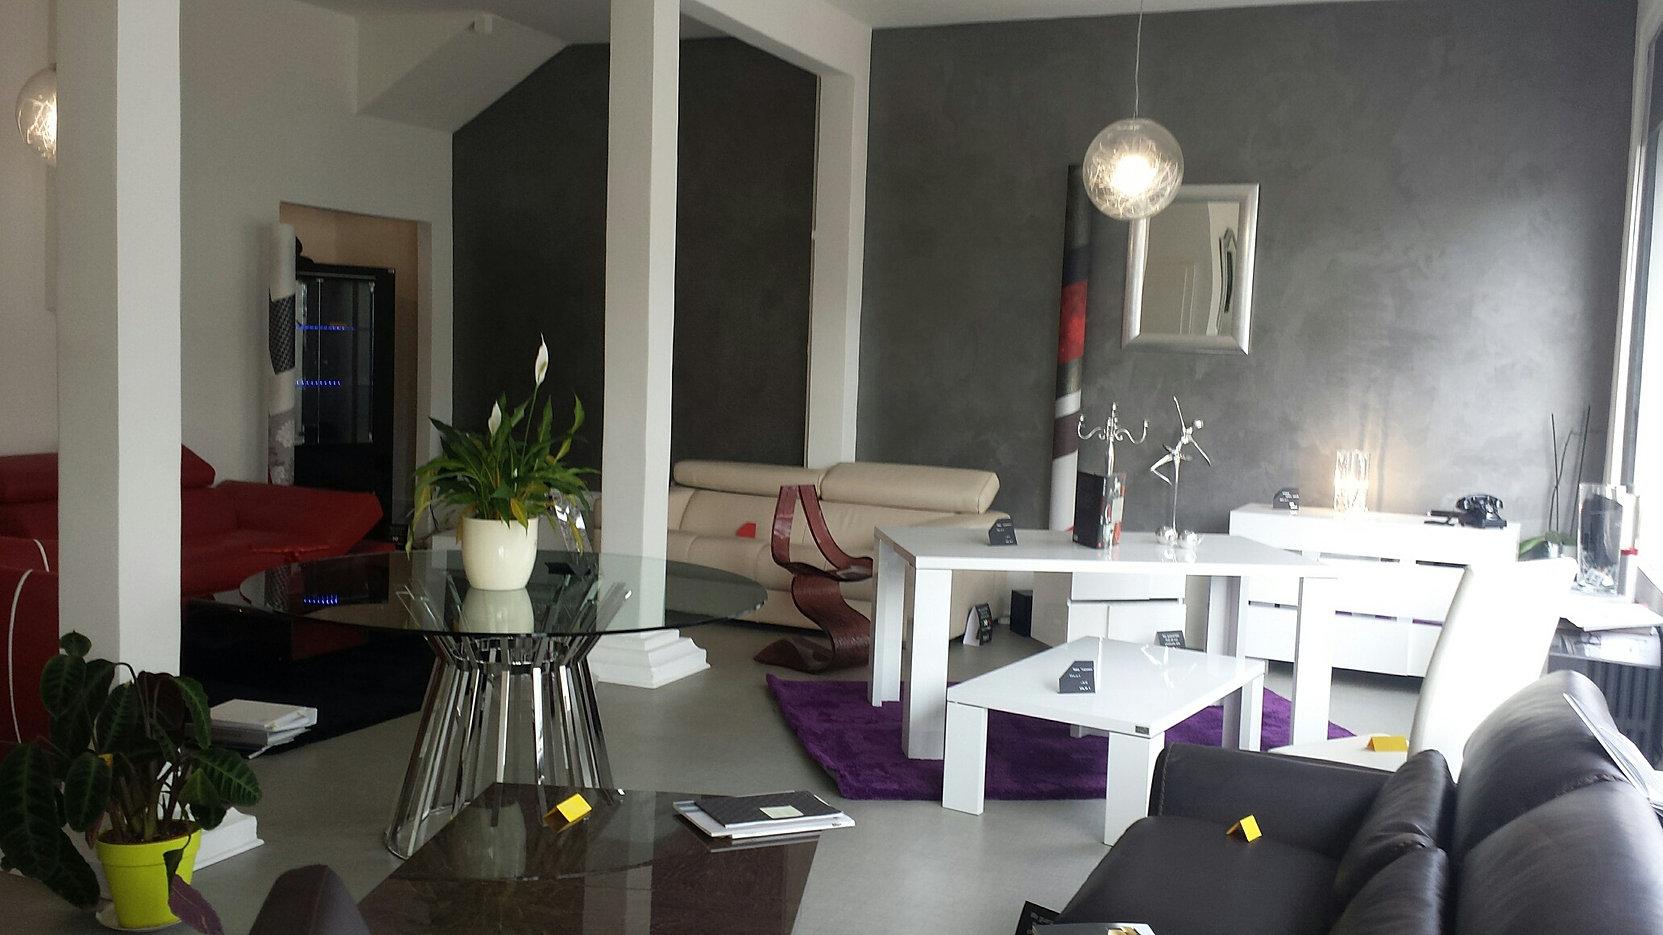 mise en scene vesoul mobilier haut de gamme contemporain. Black Bedroom Furniture Sets. Home Design Ideas